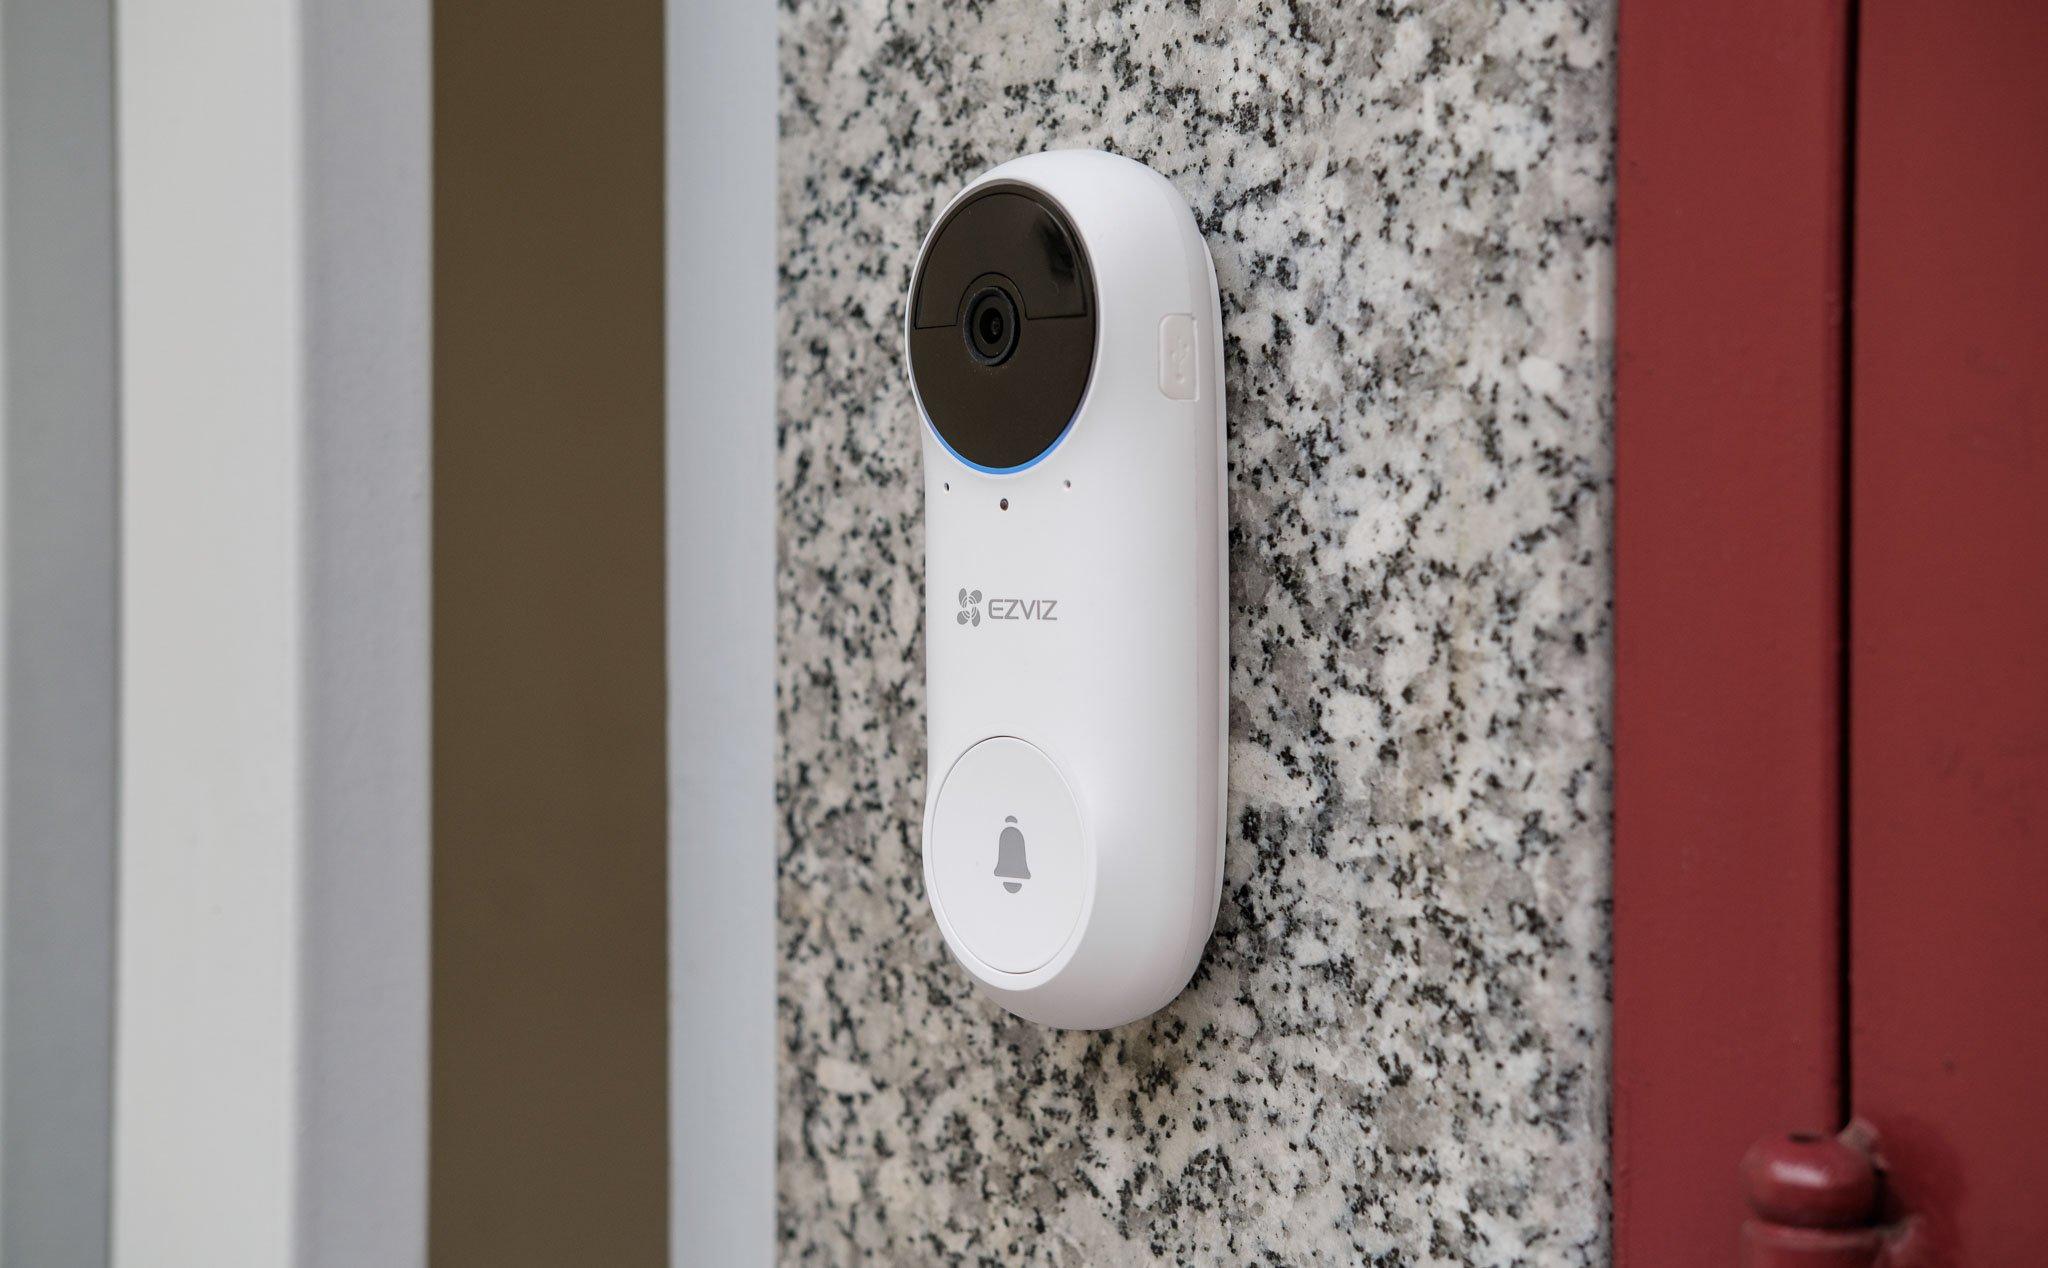 Trên tay chuông cửa không dây thông minh EZVIZ DB2C: đàm thoại hai chiều, dễ thiết lập để sử dụng